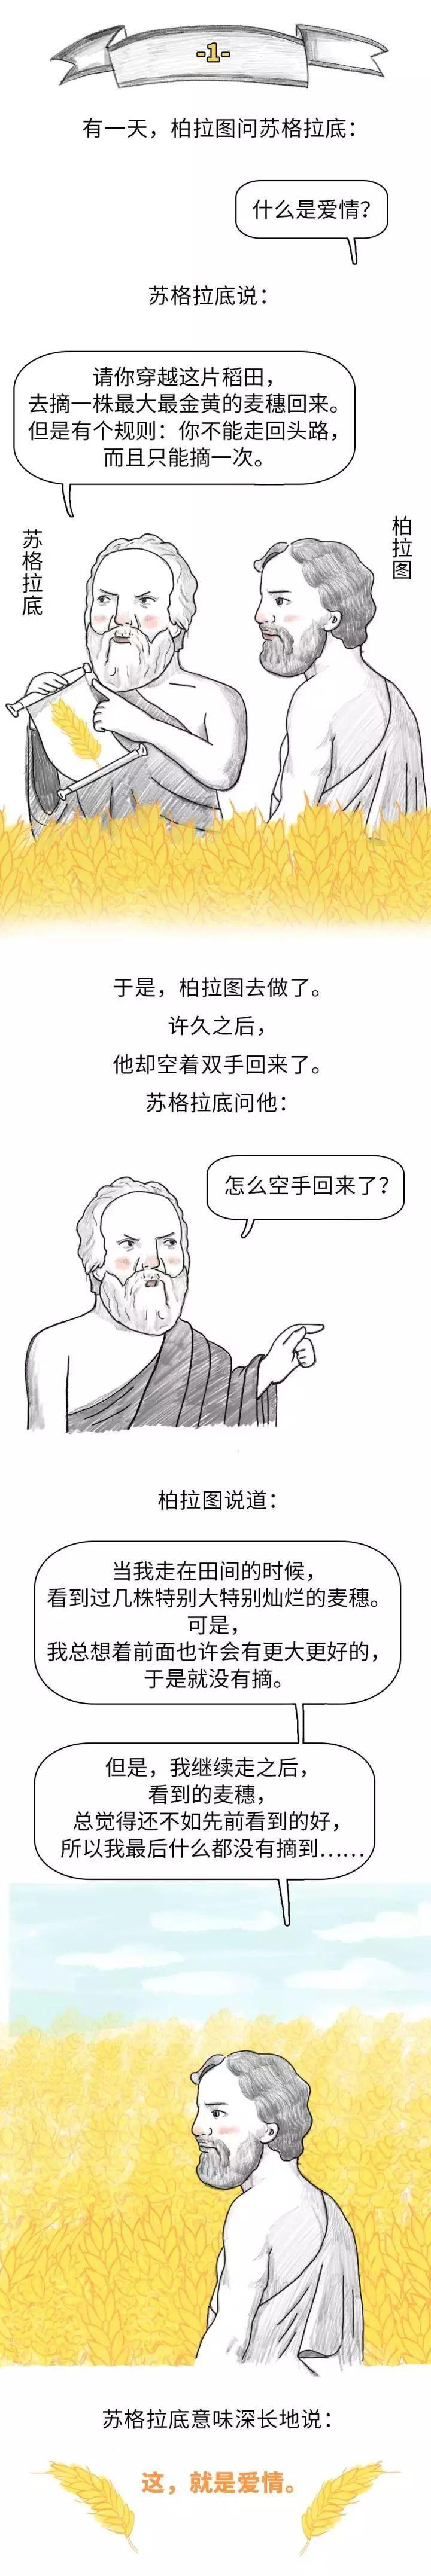 """信阳山村""""易地扶贫搬迁""""新面貌:上楼是家下楼是公司"""